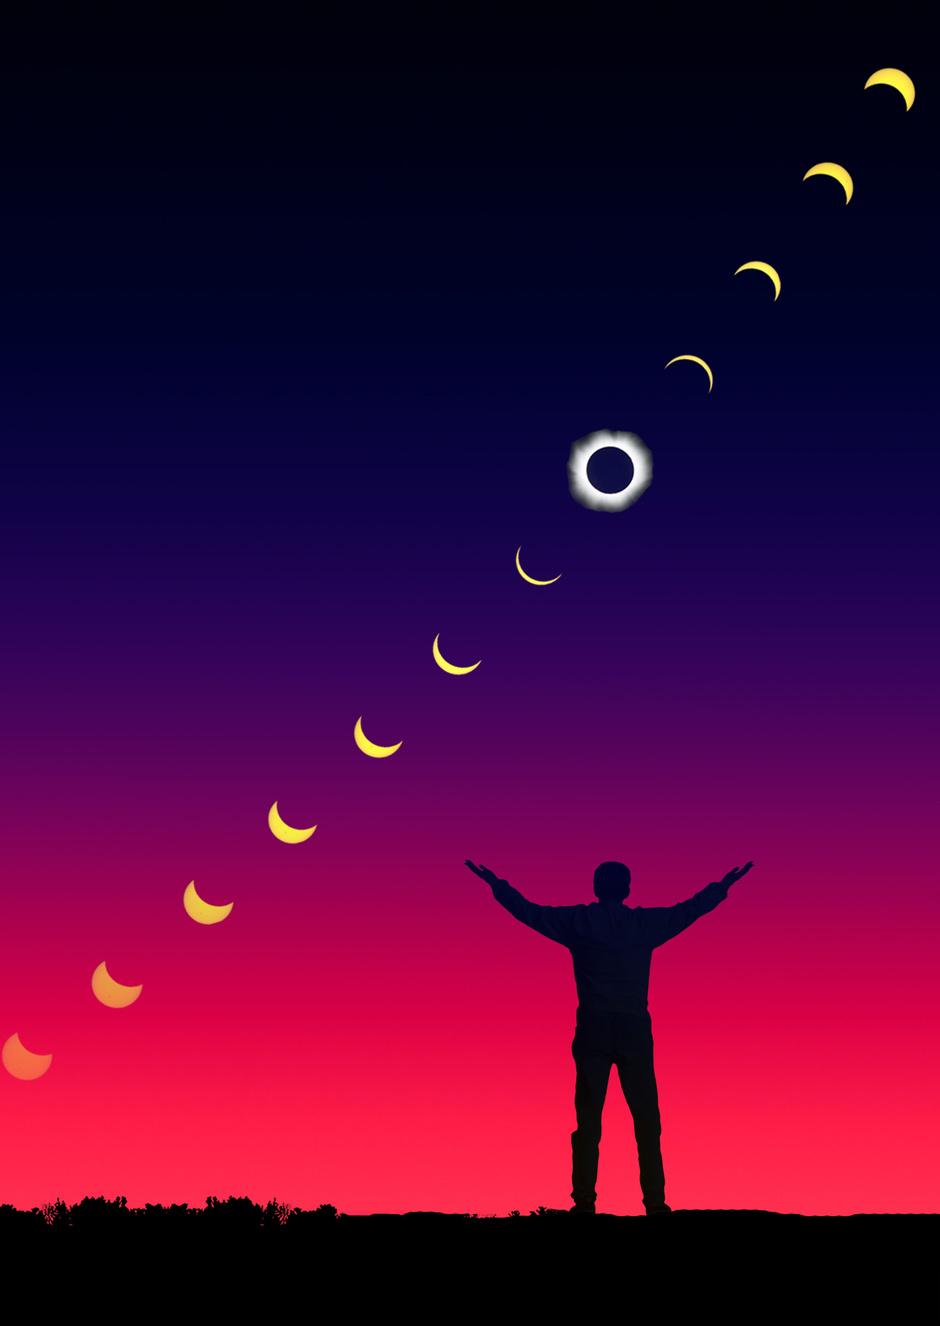 Коридор затмений: время для изменения судьбы